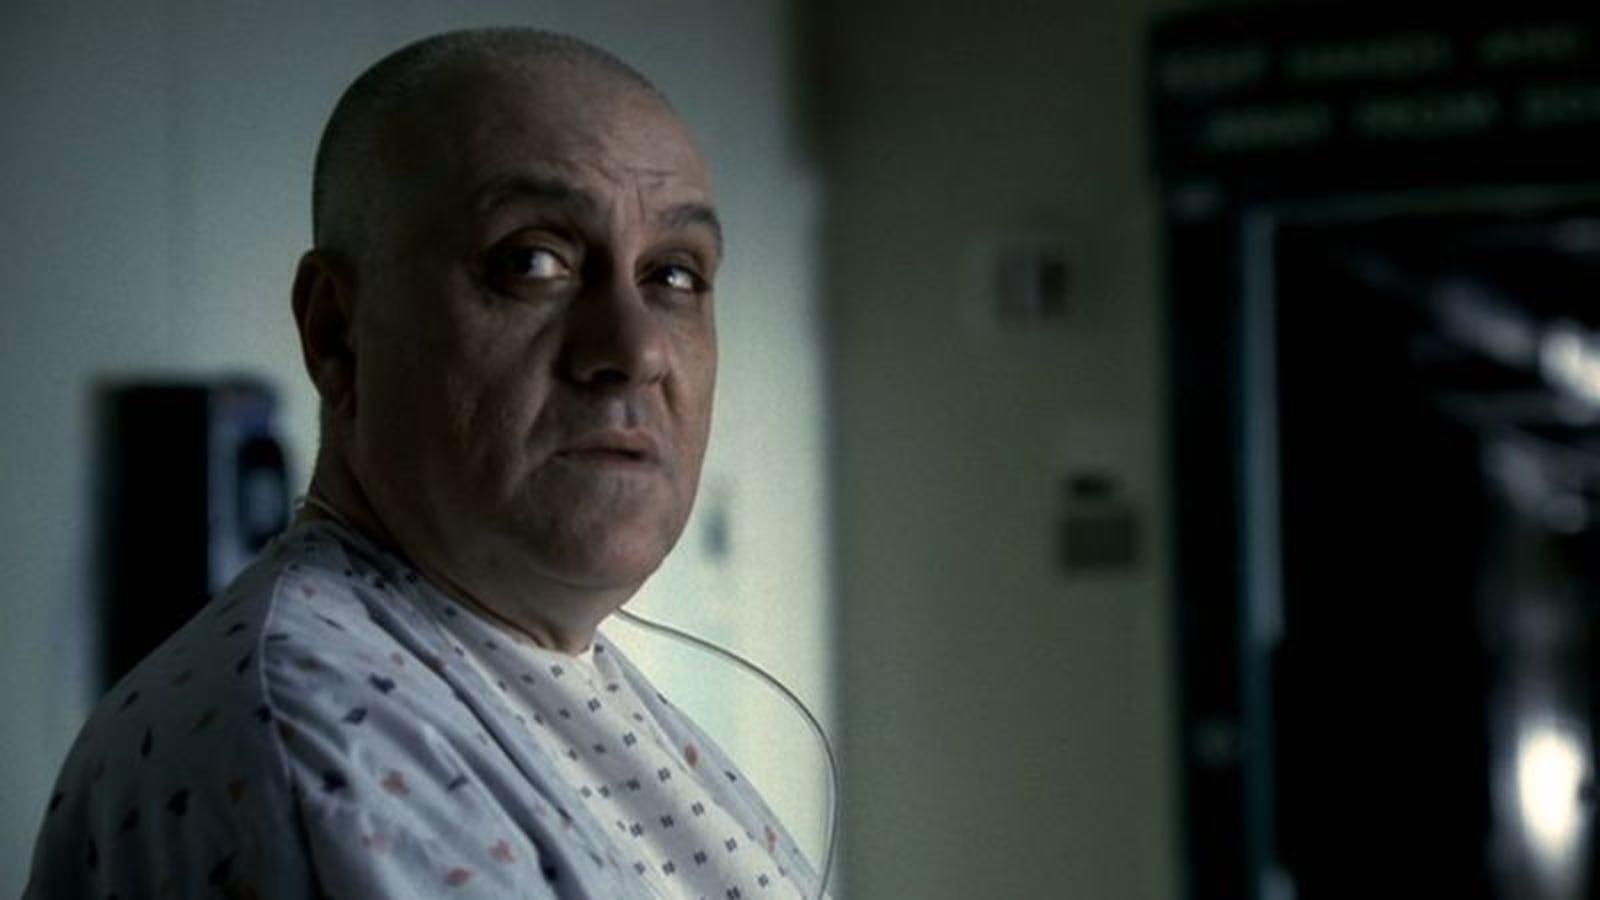 The Sopranos Season 1 Episode 12 Recap